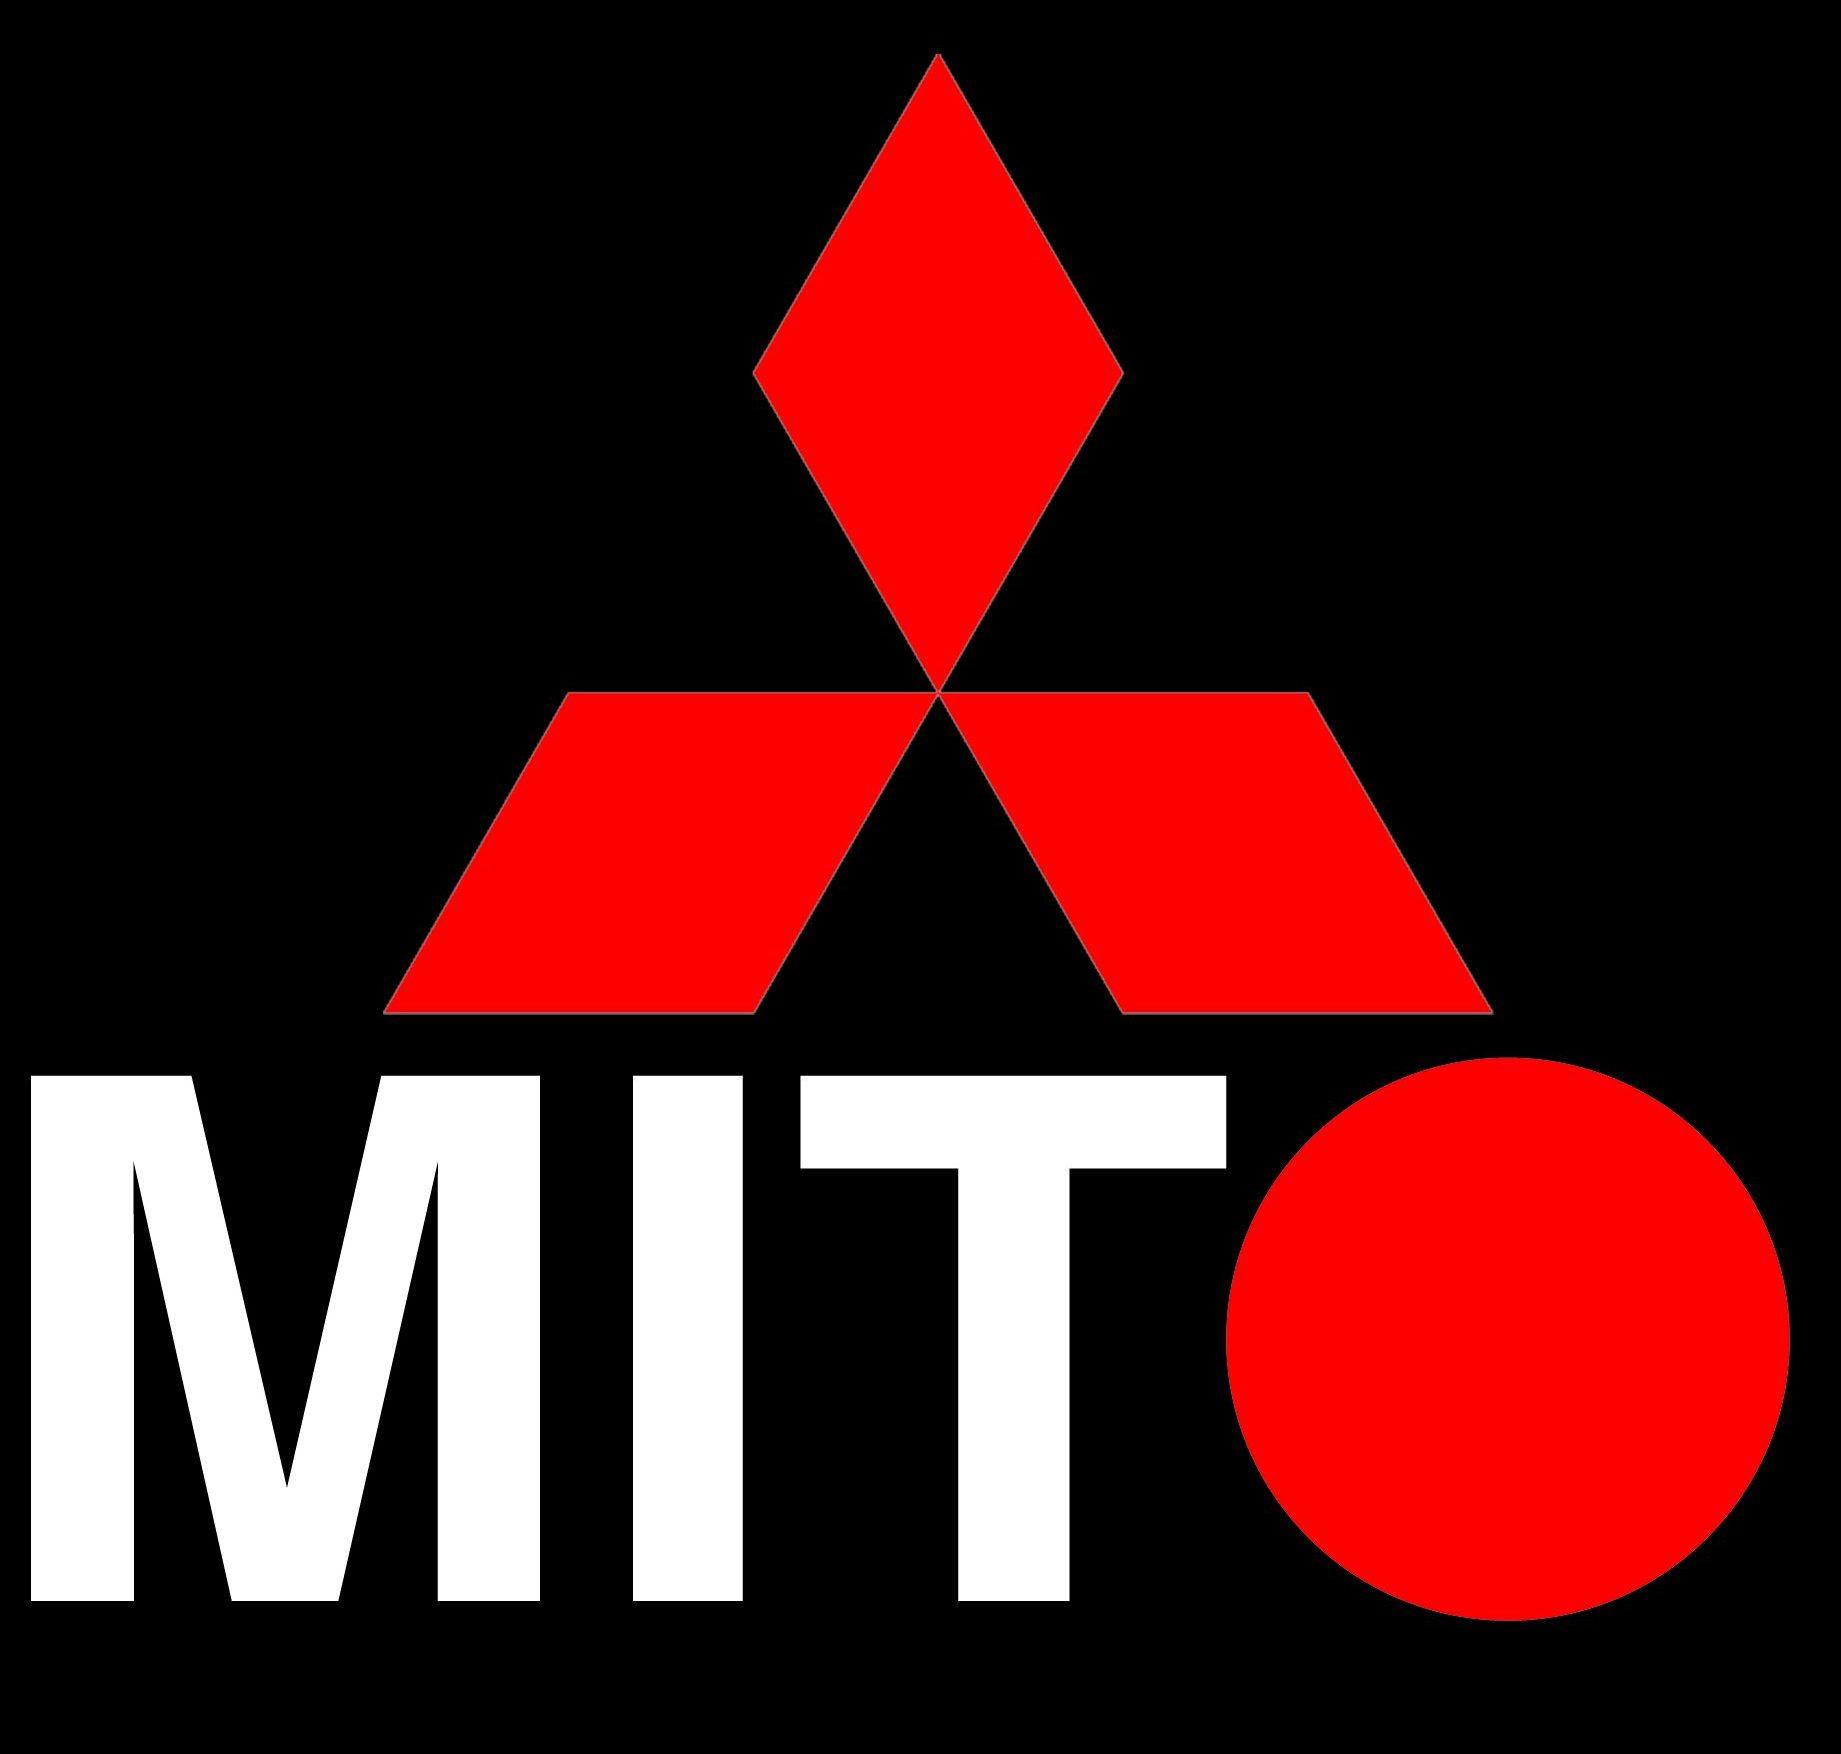 Mito Mitsubishi - Gestão de Redes Sociais e Anúncios Digitais